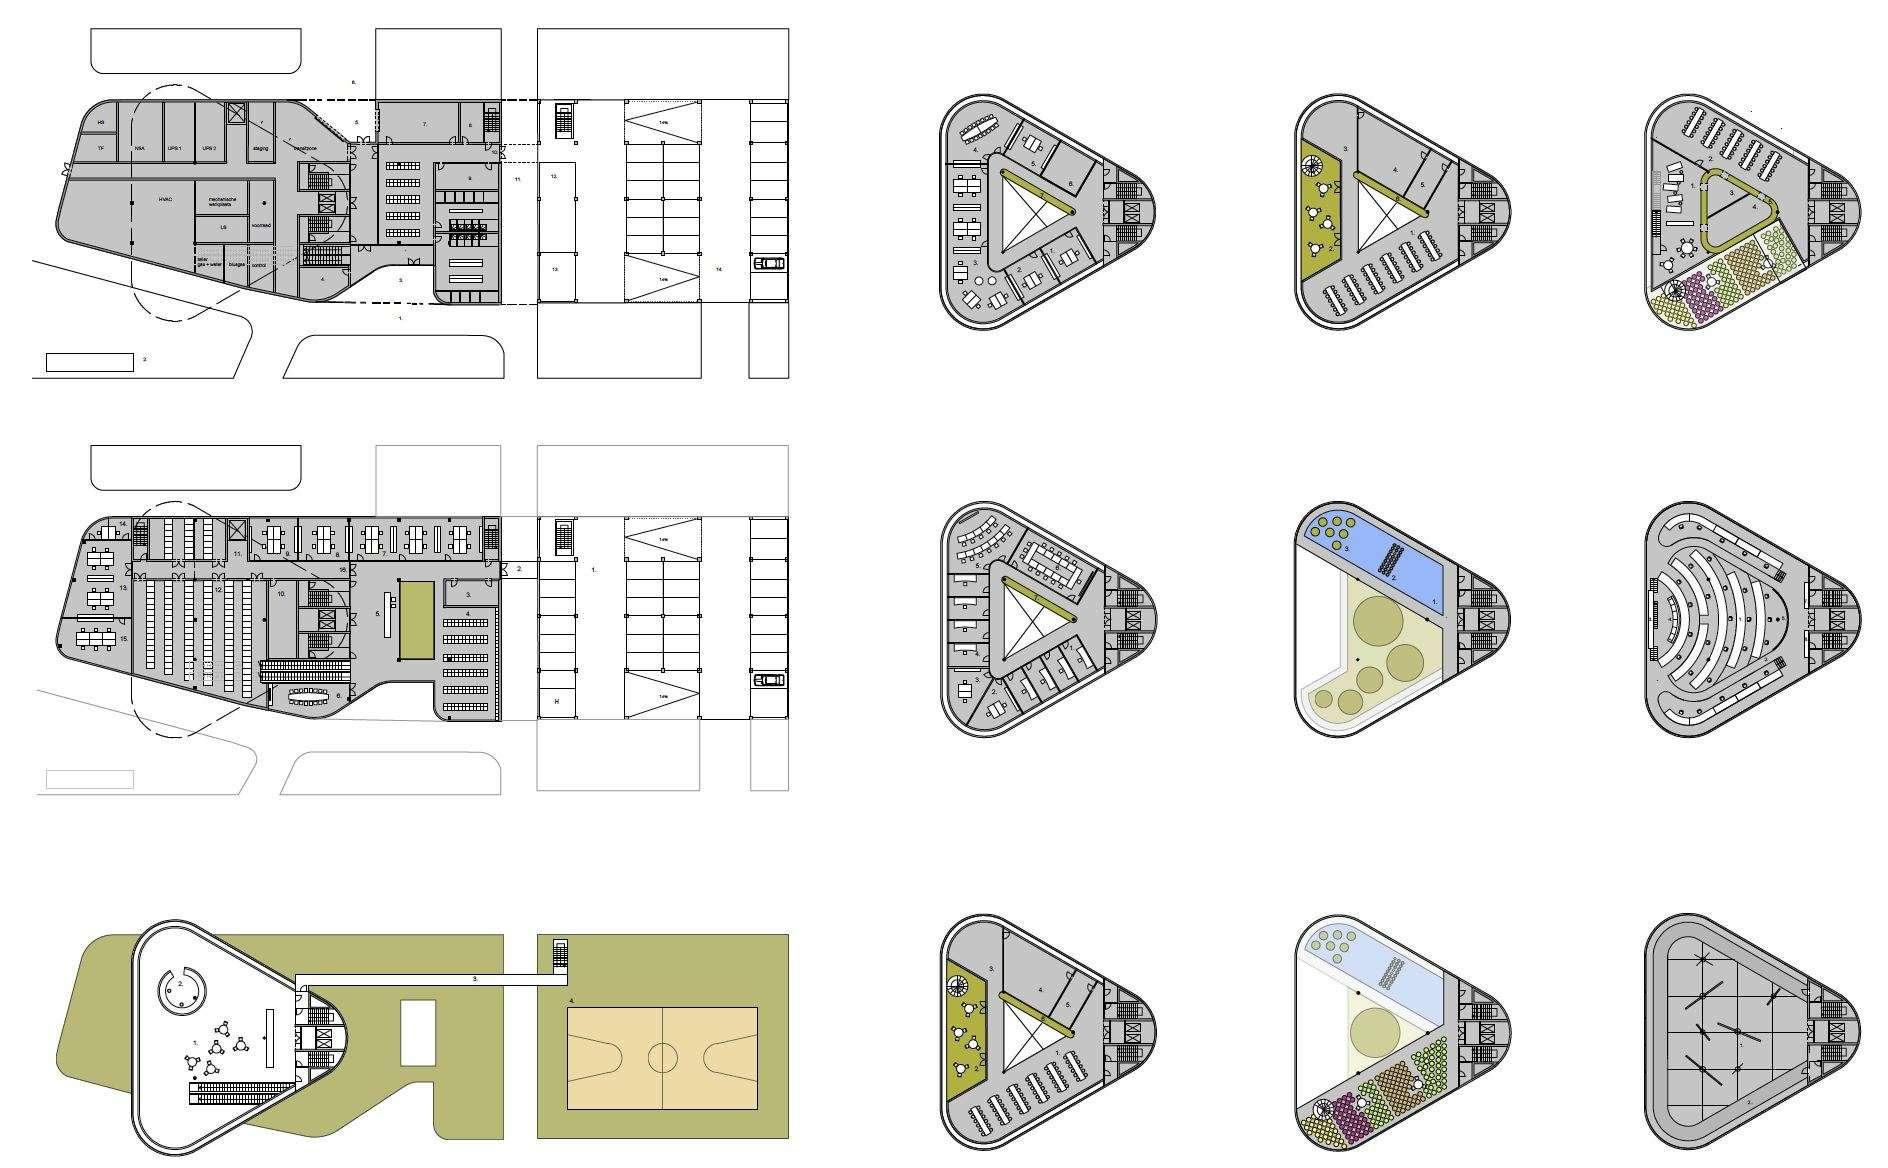 antwerp control center <span>2010, antwerpen, zandvliet, wedstrijd, kantoren</span>